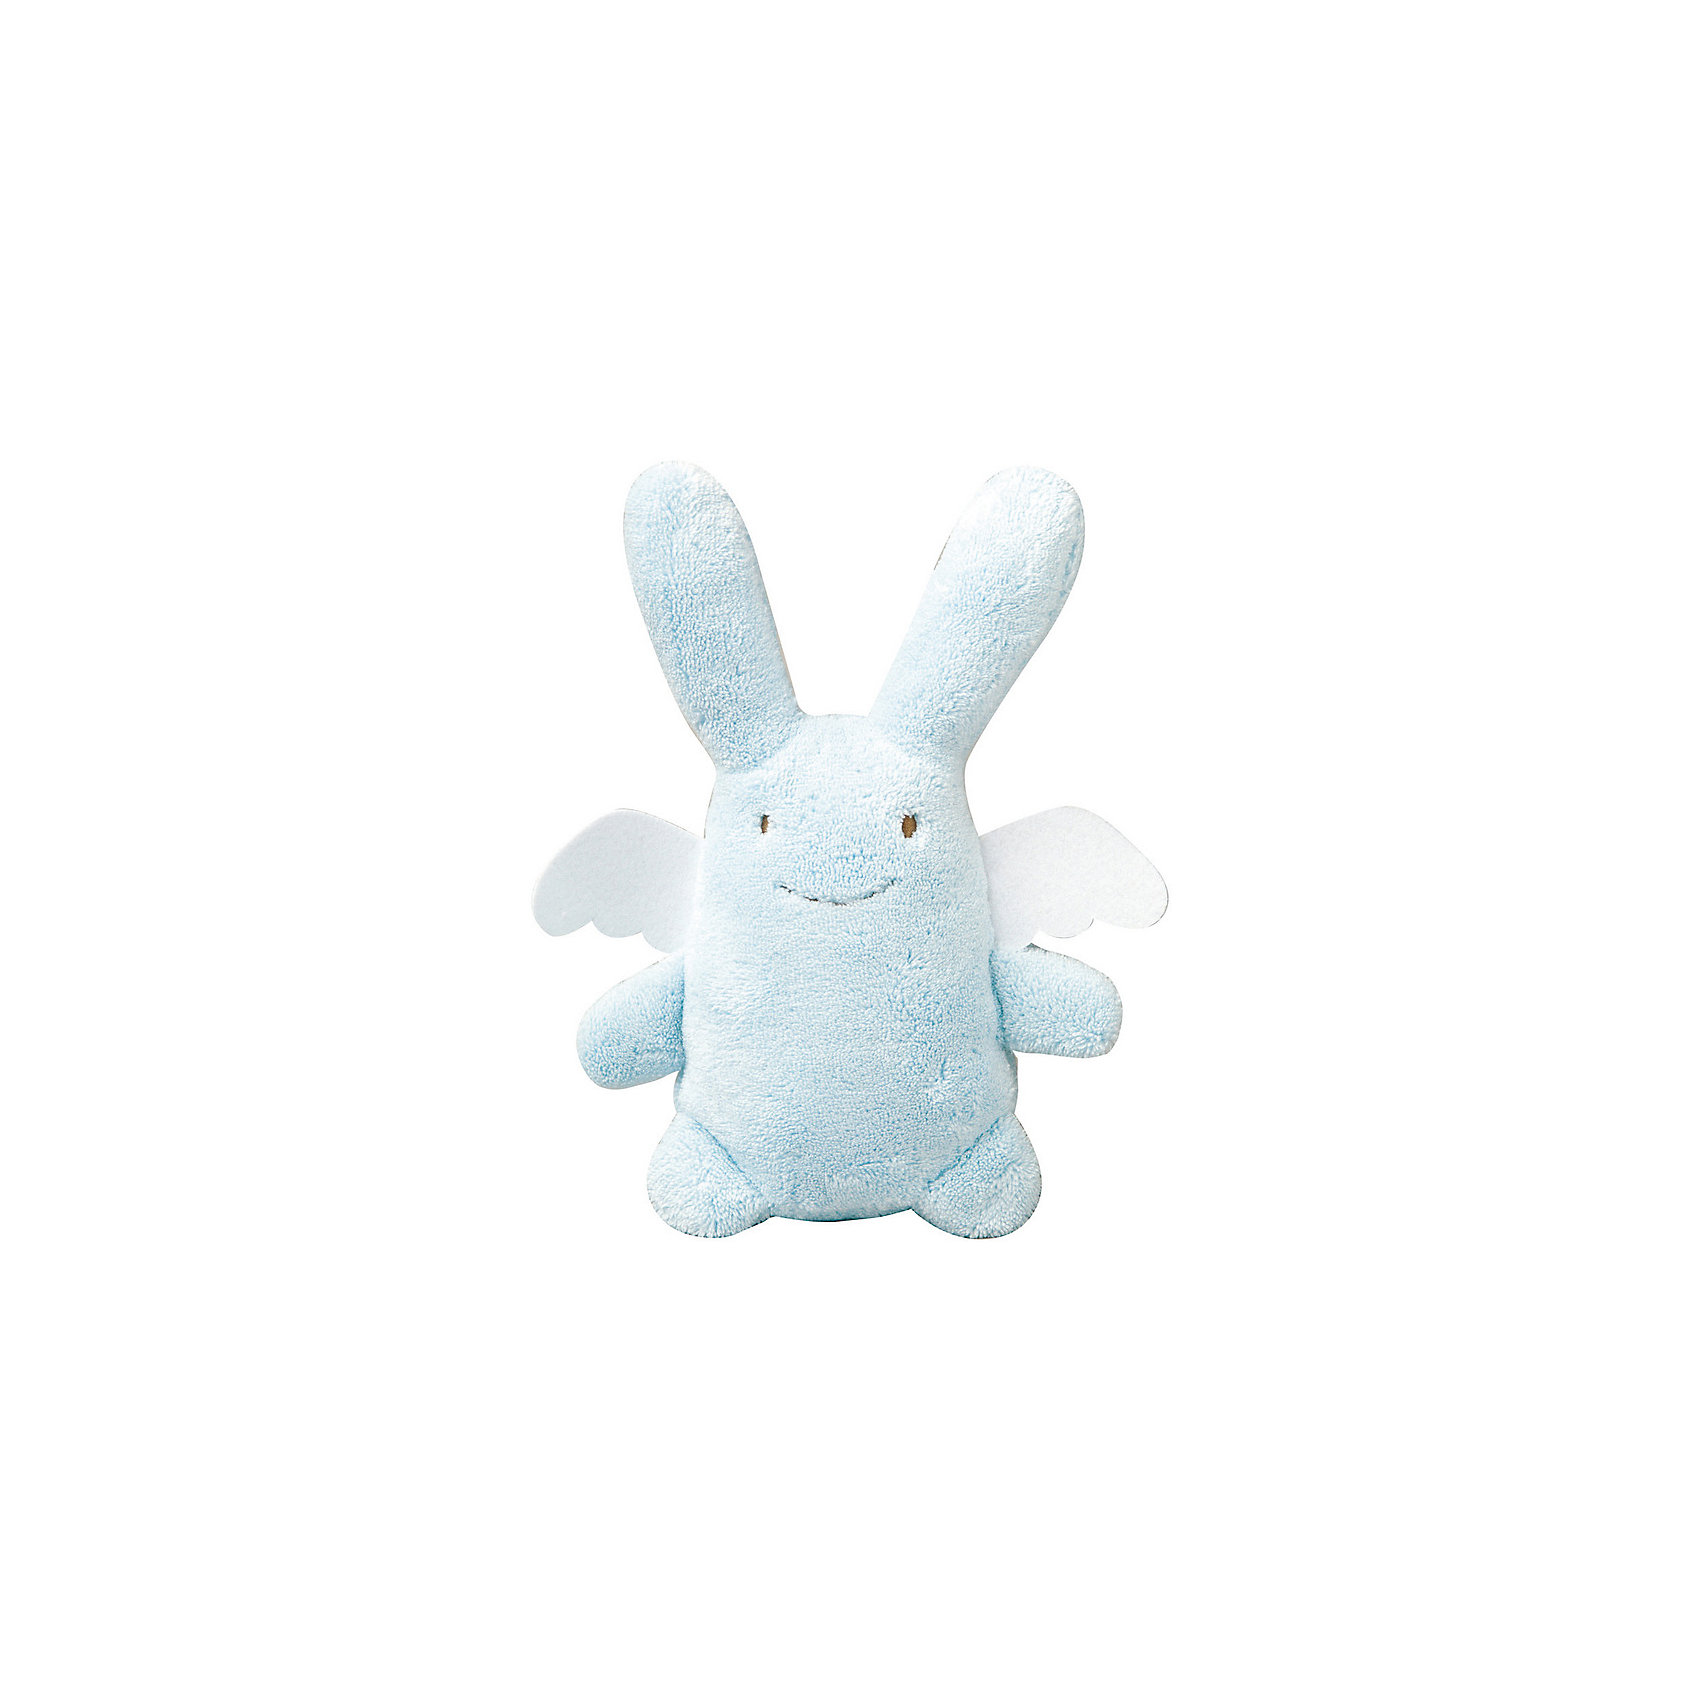 Мягкая игрушка Зайка с крылышками, музыкальный, голубой, 24см&#13;, TrousselierМягкая игрушка Зайка с крылышками, музыкальный, голубой, 24см, Trousselier (Трусельер).<br><br>Характеристики:<br><br>- Высота игрушки: 24 см.<br>- Материал: хлопковый велюр<br>- Цвет: голубой<br>- Уход: возможна ручная стирка игрушки<br><br>Игрушка представляет собой очаровательного, очень мягкого зайчика с ангельскими крылышками. Зайчик выполнен в приятном голубом цвете, крылышки в белом – сочетание этих цветов смотрится очень органично, создавая нежный образ в лаконичном дизайне. Зайчик мило улыбается и раскинул лапки в сторону, как будто только и ждет, чтобы его обняли. Игрушка имеет музыкальный блок, который может воспроизводить нежную мелодию, если нажать на туловище зайки. Зайчика очень удобно держать маленькому ребенку. Его можно укладывать спать вместе с малышом в коляску или кроватку. С таким другом кроха будет быстрее погружаться в мир снов и спокойнее спать. Игрушка изготовлена из мягкого, приятного на ощупь, гипоаллергенного материала - хлопкового велюра. Французский бренд Trousselier (Трусельер) вот уже более 40 лет создает уникальные коллекции детских игрушек. Вся продукция изготавливается из натуральных материалов с соблюдением высоких европейских стандартов качества.<br><br>Мягкую игрушку Зайка с крылышками, музыкальную, голубую, 24см, Trousselier (Трусельер) можно купить в нашем интернет-магазине.<br><br>Ширина мм: 190<br>Глубина мм: 190<br>Высота мм: 90<br>Вес г: 290<br>Возраст от месяцев: -2147483648<br>Возраст до месяцев: 2147483647<br>Пол: Унисекс<br>Возраст: Детский<br>SKU: 4964808